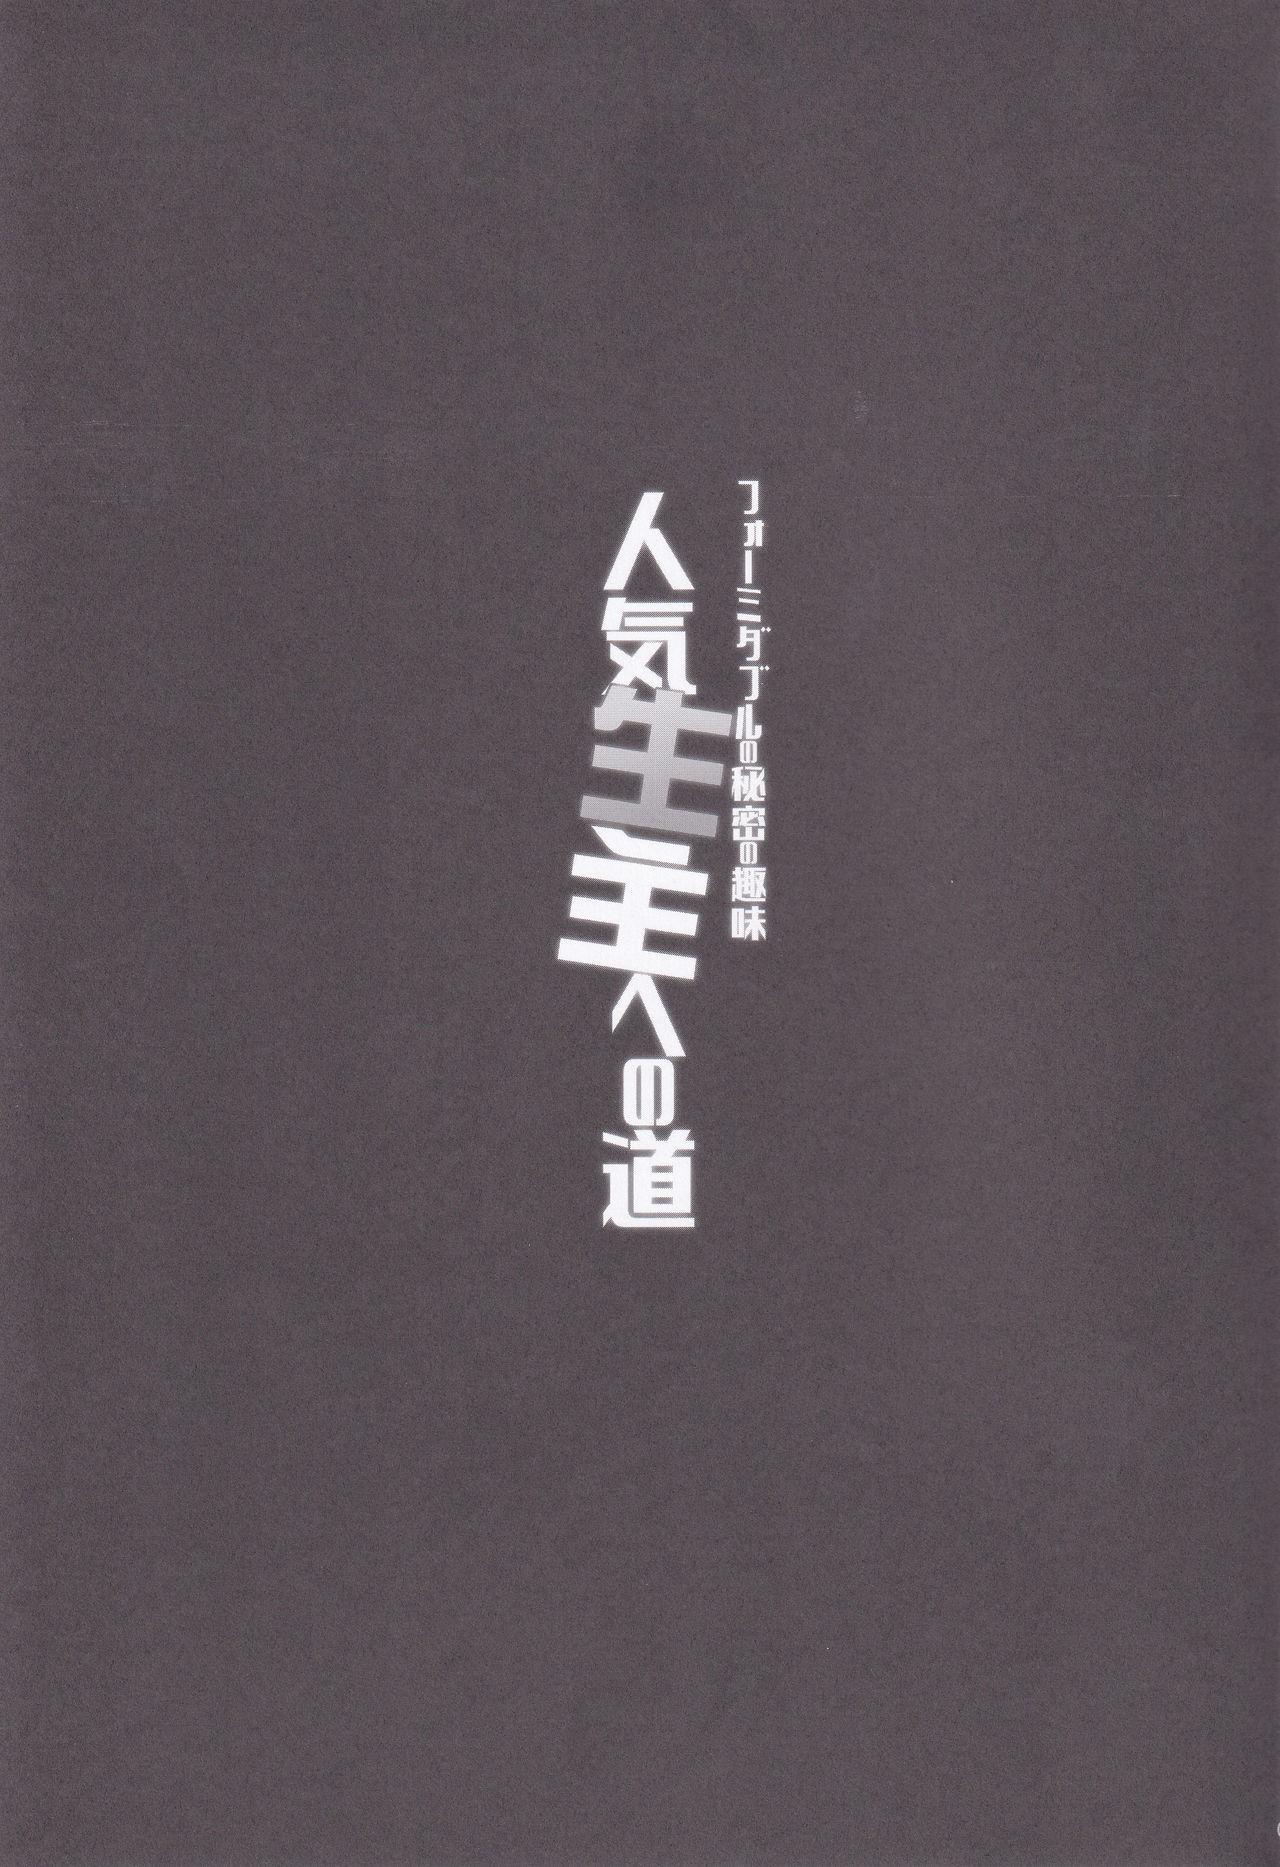 Formidable no Himitsu no Shumi Ninki Namanushi e no Michi 1